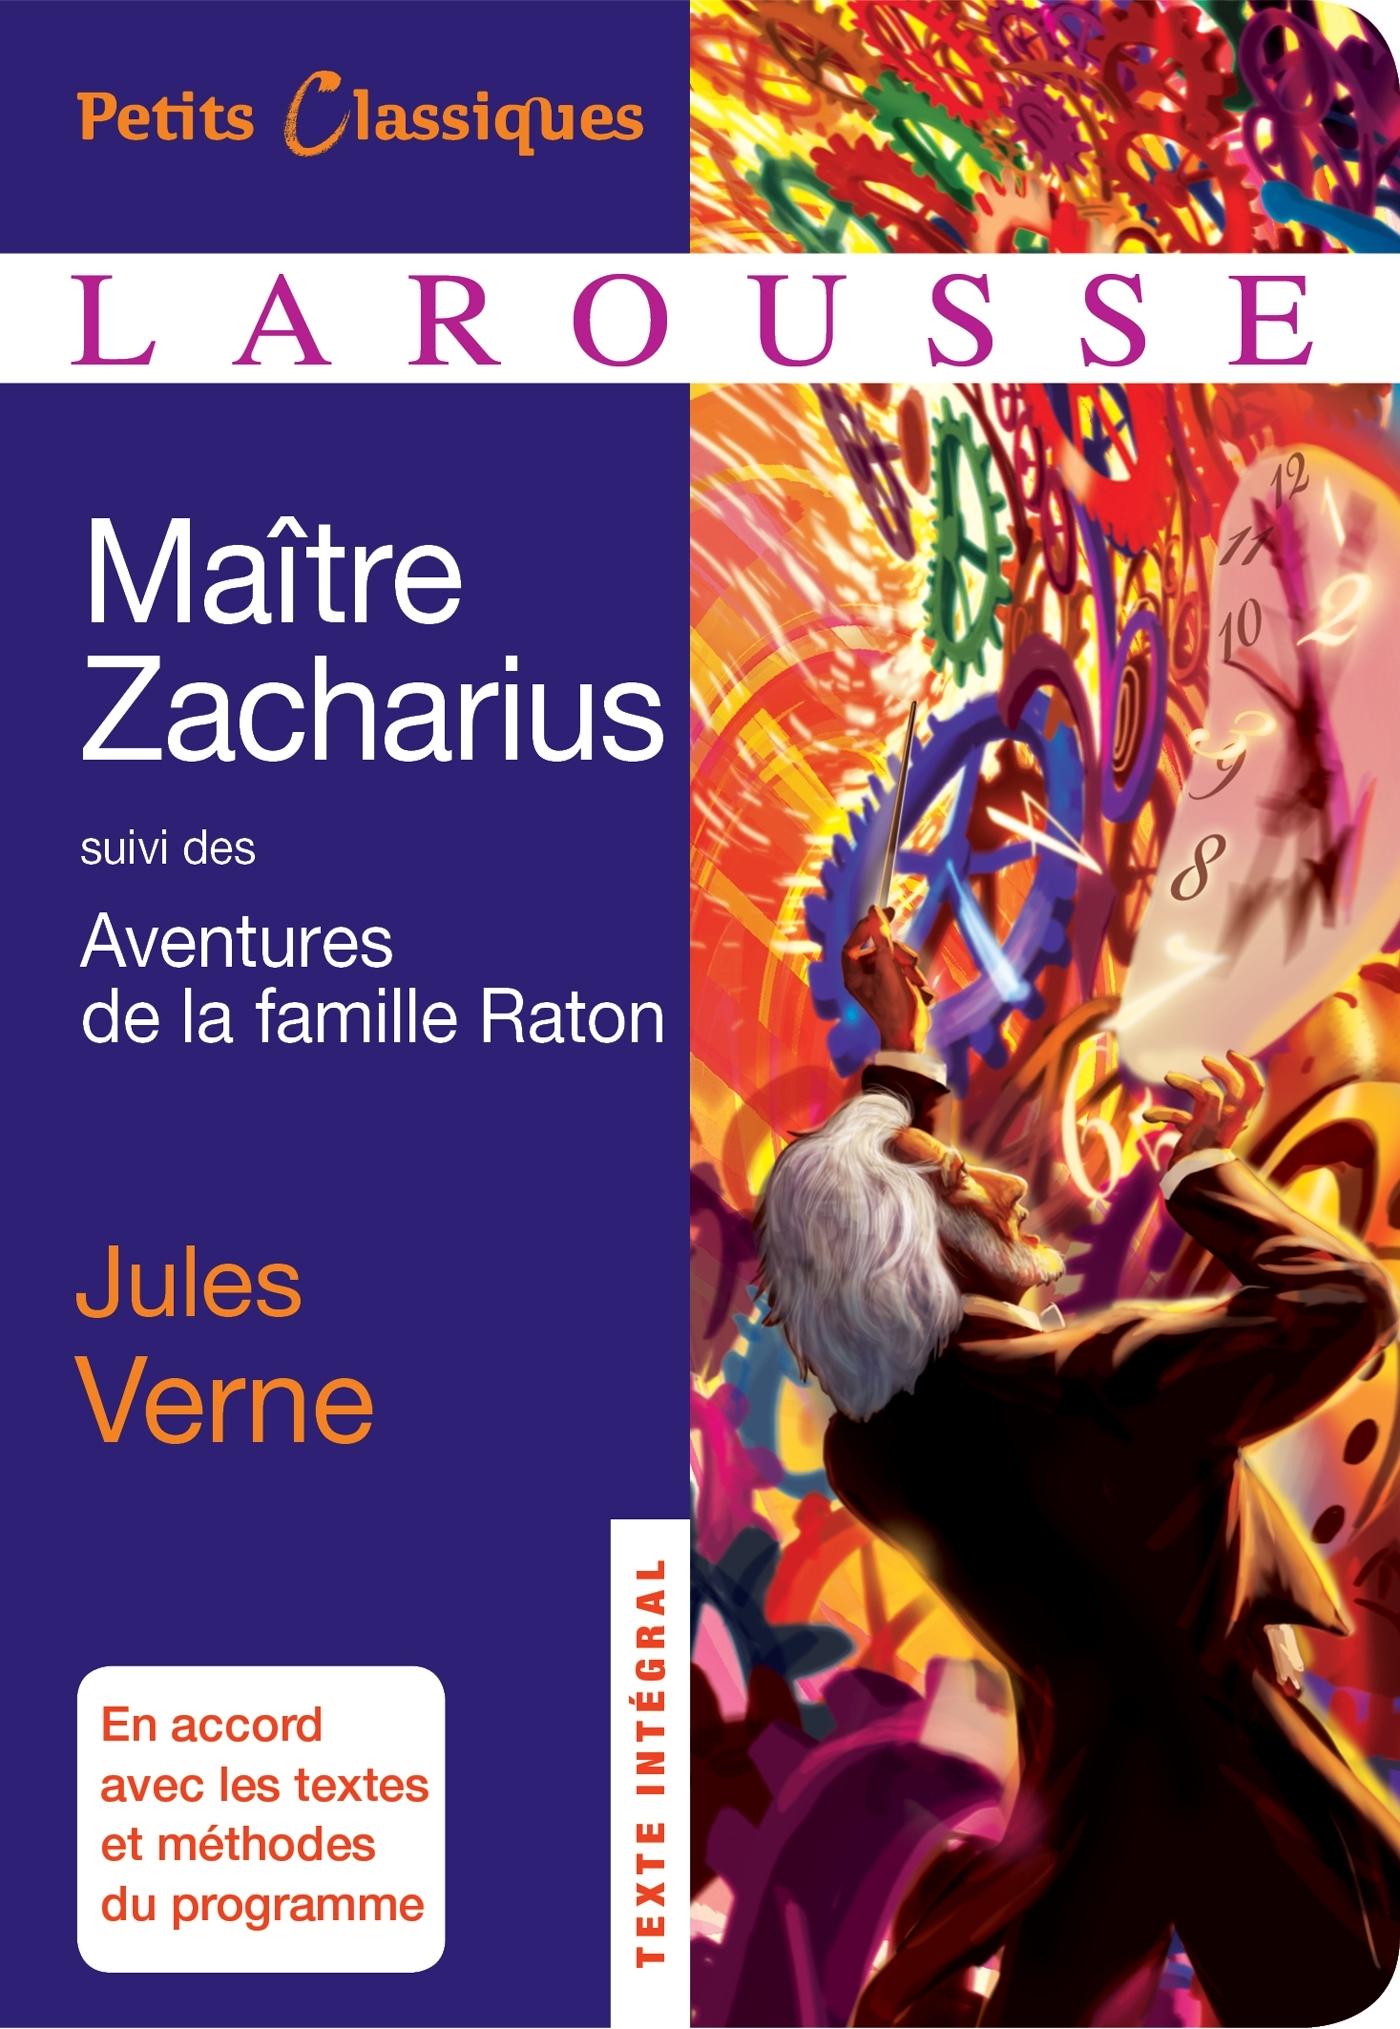 MAITRE ZACHARIUS, SUIVI DES AVENTURES DE LA FAMILLE RATON